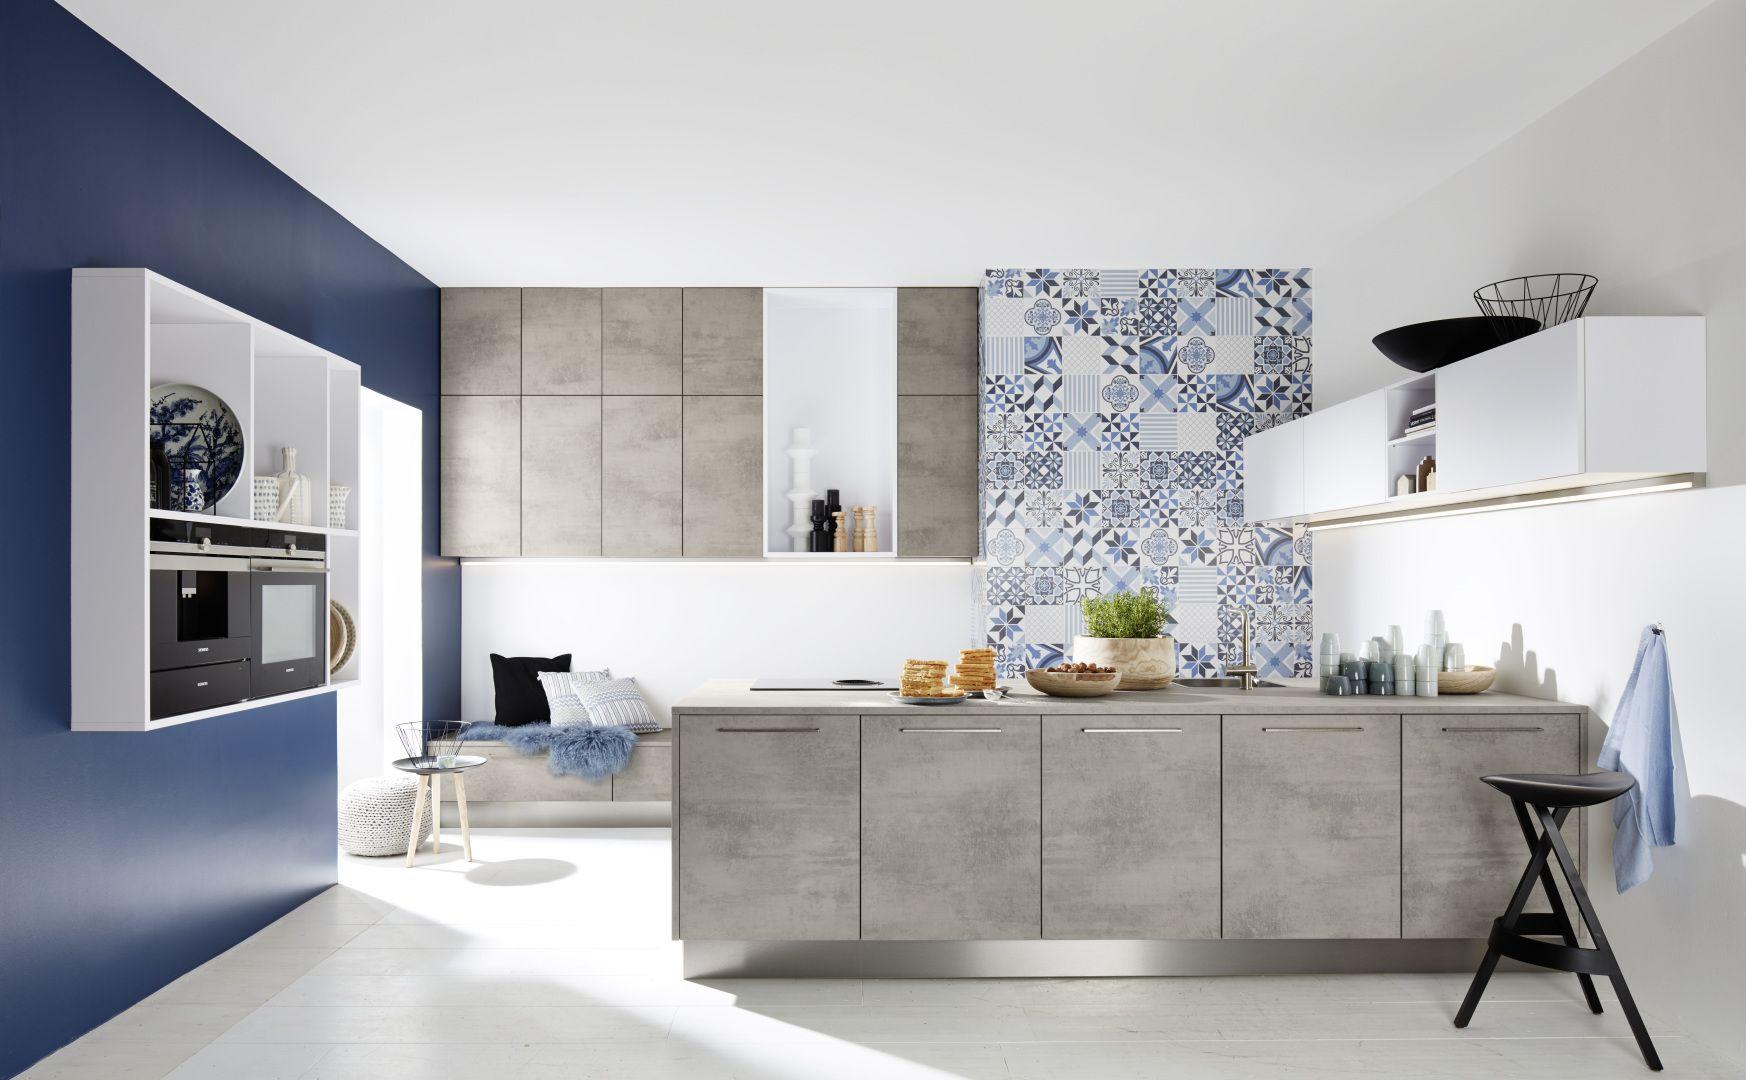 Moderne Küchen: stilvoll, innovativ | nolte-kuechen.de ...